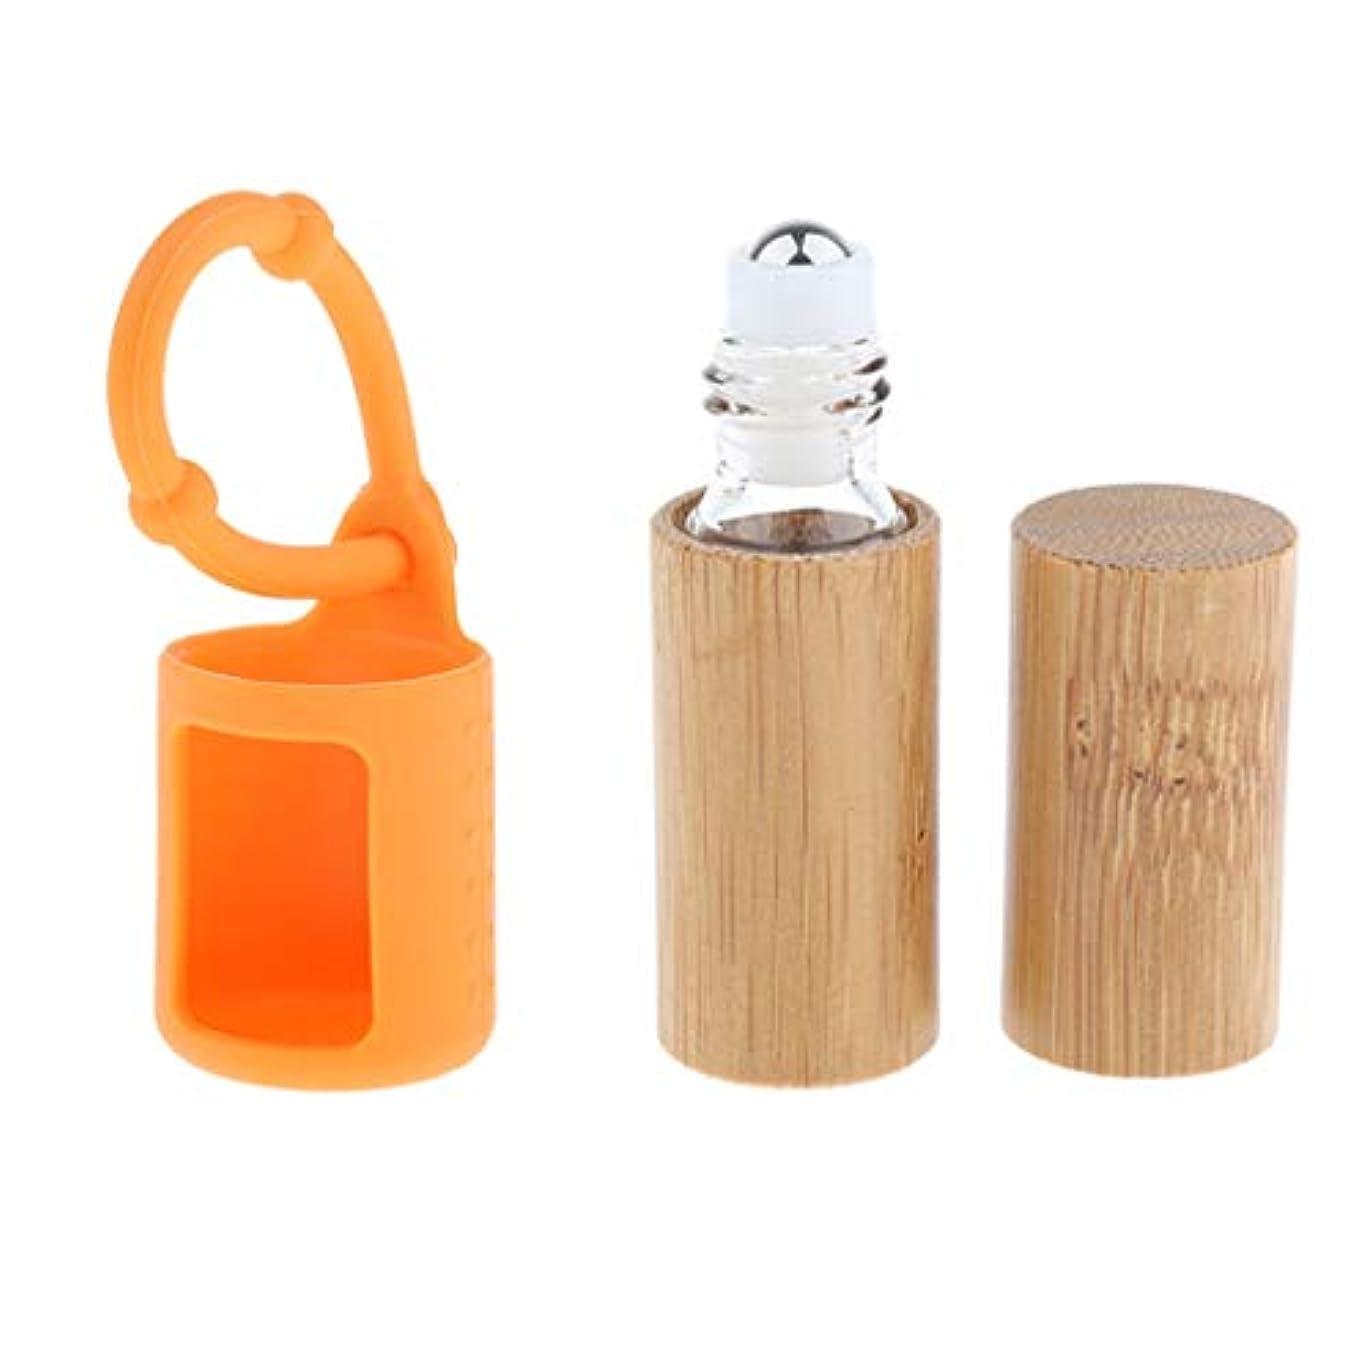 ゴール適合ビルマD DOLITY 竹ボトル エッセンシャルオイル 香水 オイル 精油瓶 詰め替え 5ミリ 吊り掛けバッグ付